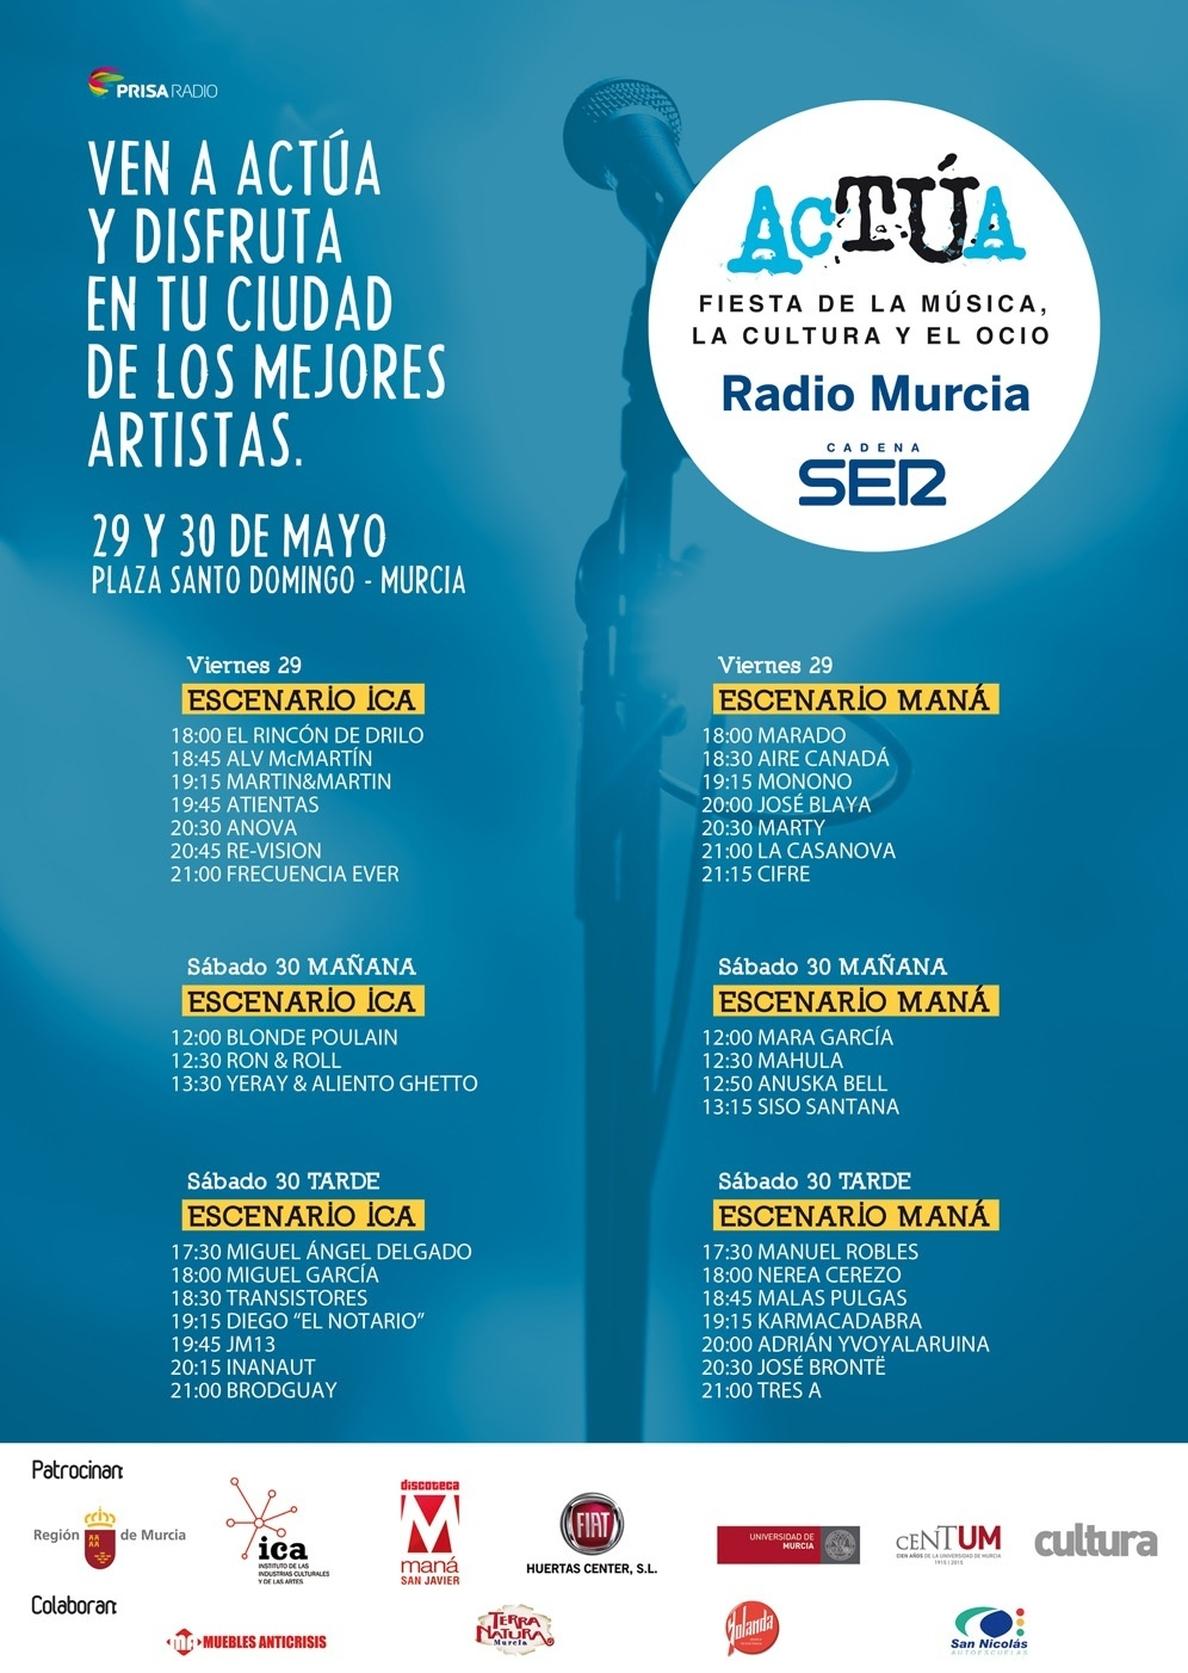 La plaza de Santo Domingo acoge este viernes »Actúa 2015», la fiesta de la música, la cultura y el ocio de Cadena SER